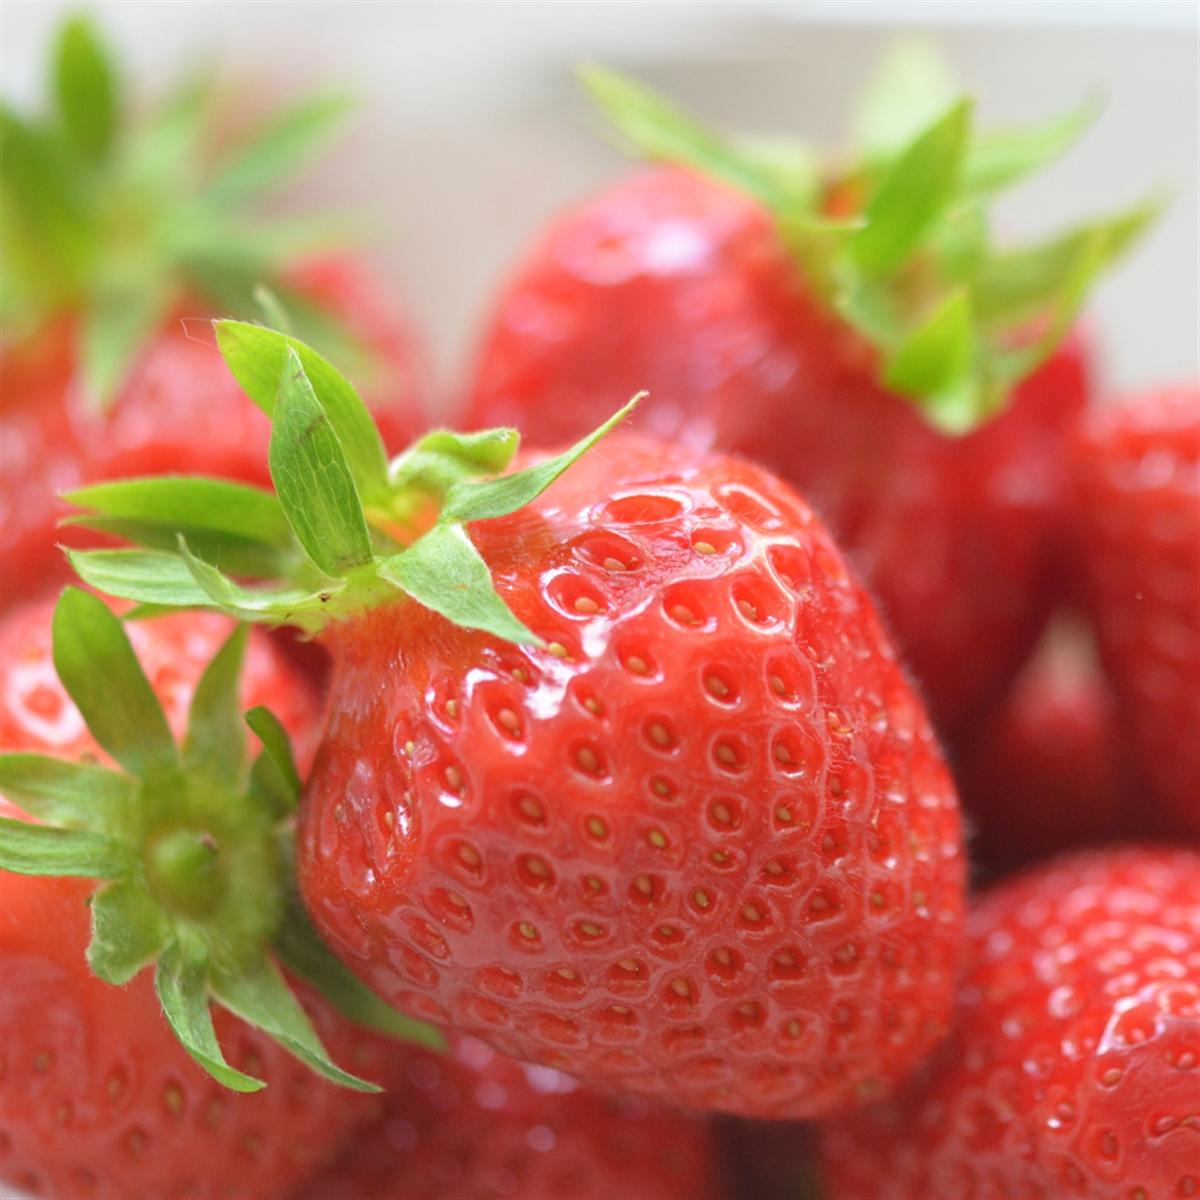 Barquette de fraise Cirafine Fr. BIO (barquette de 250 g)